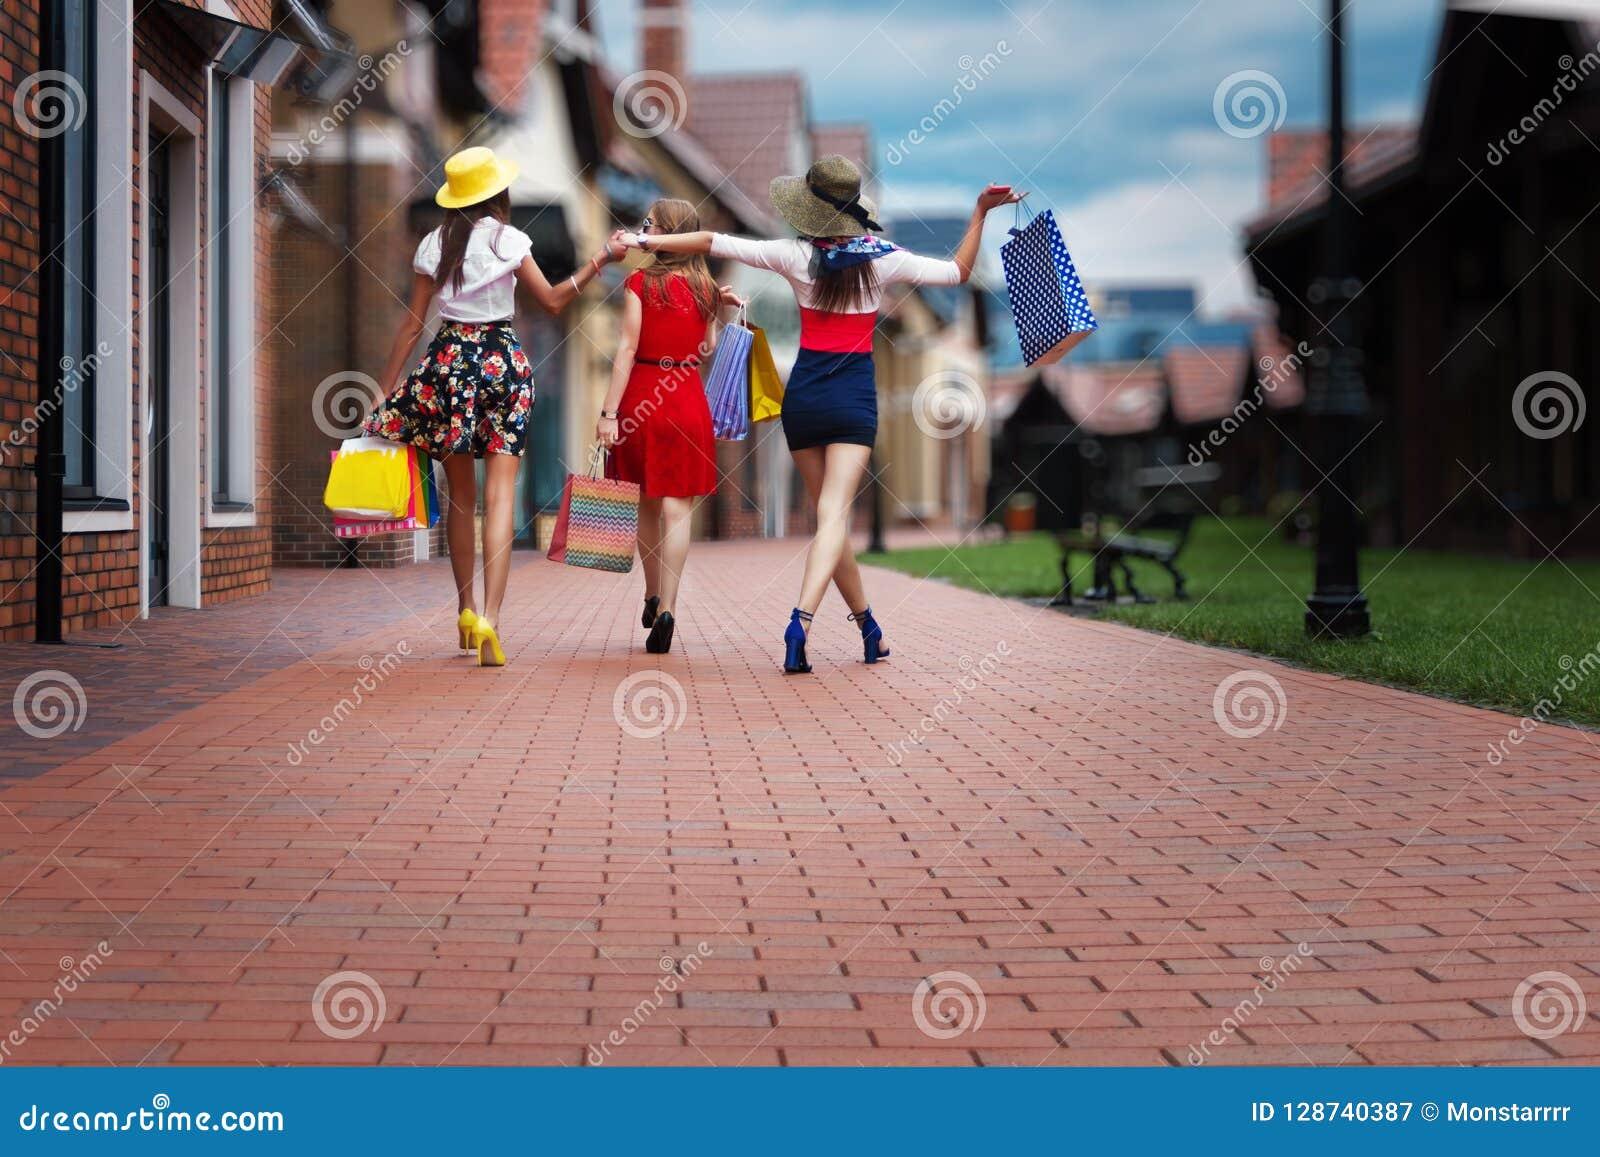 Θηλυκοί φίλοι γυναικών μόδας στη λεωφόρο αγορών